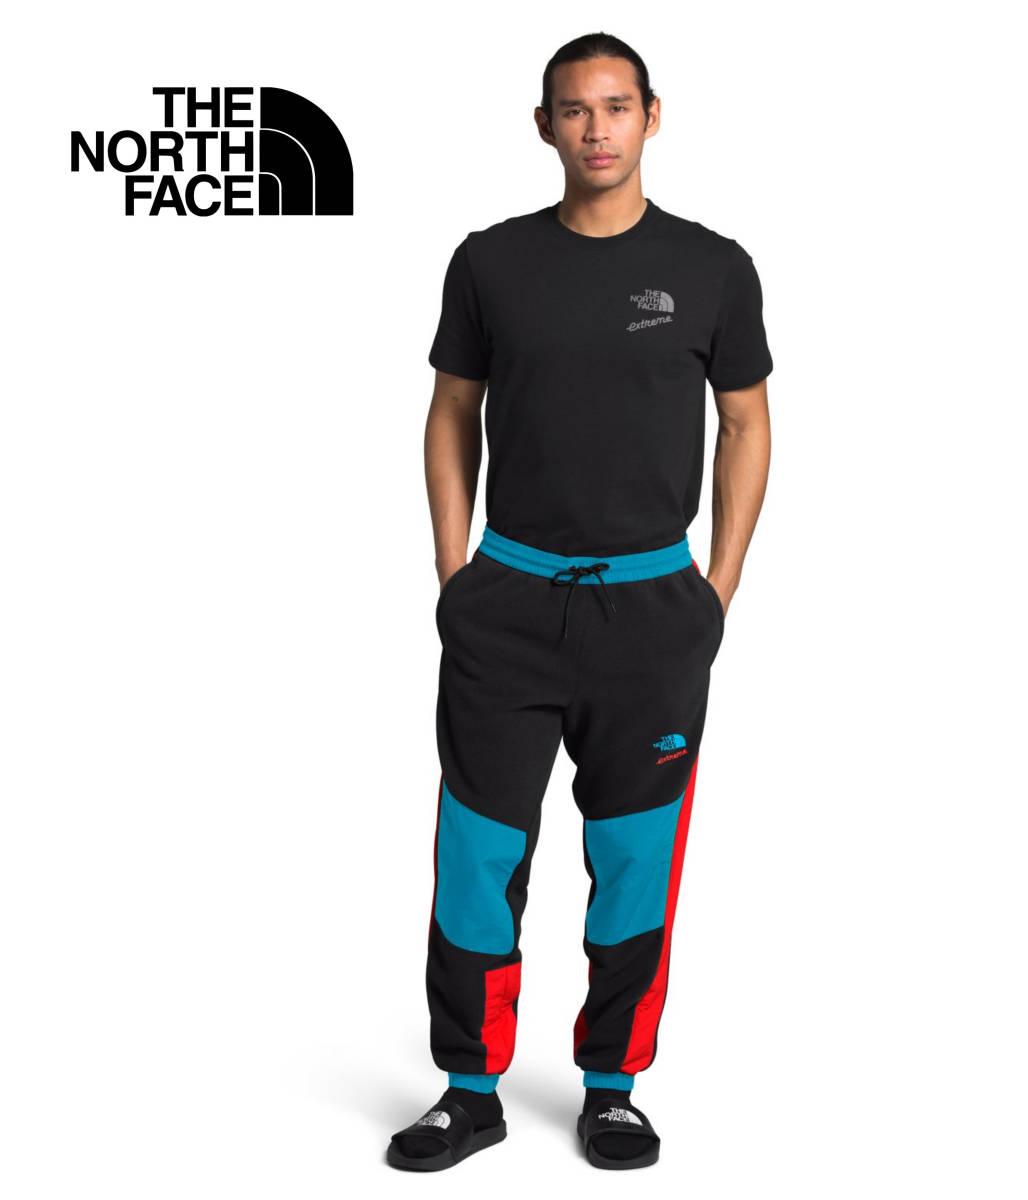 【激レア!海外限定モデル】THE NORTH FACE / Extreme '90 Fleece Pants / S / ザ・ノース・フェイス / フリース / 日本未発売 / 送料無料_画像1